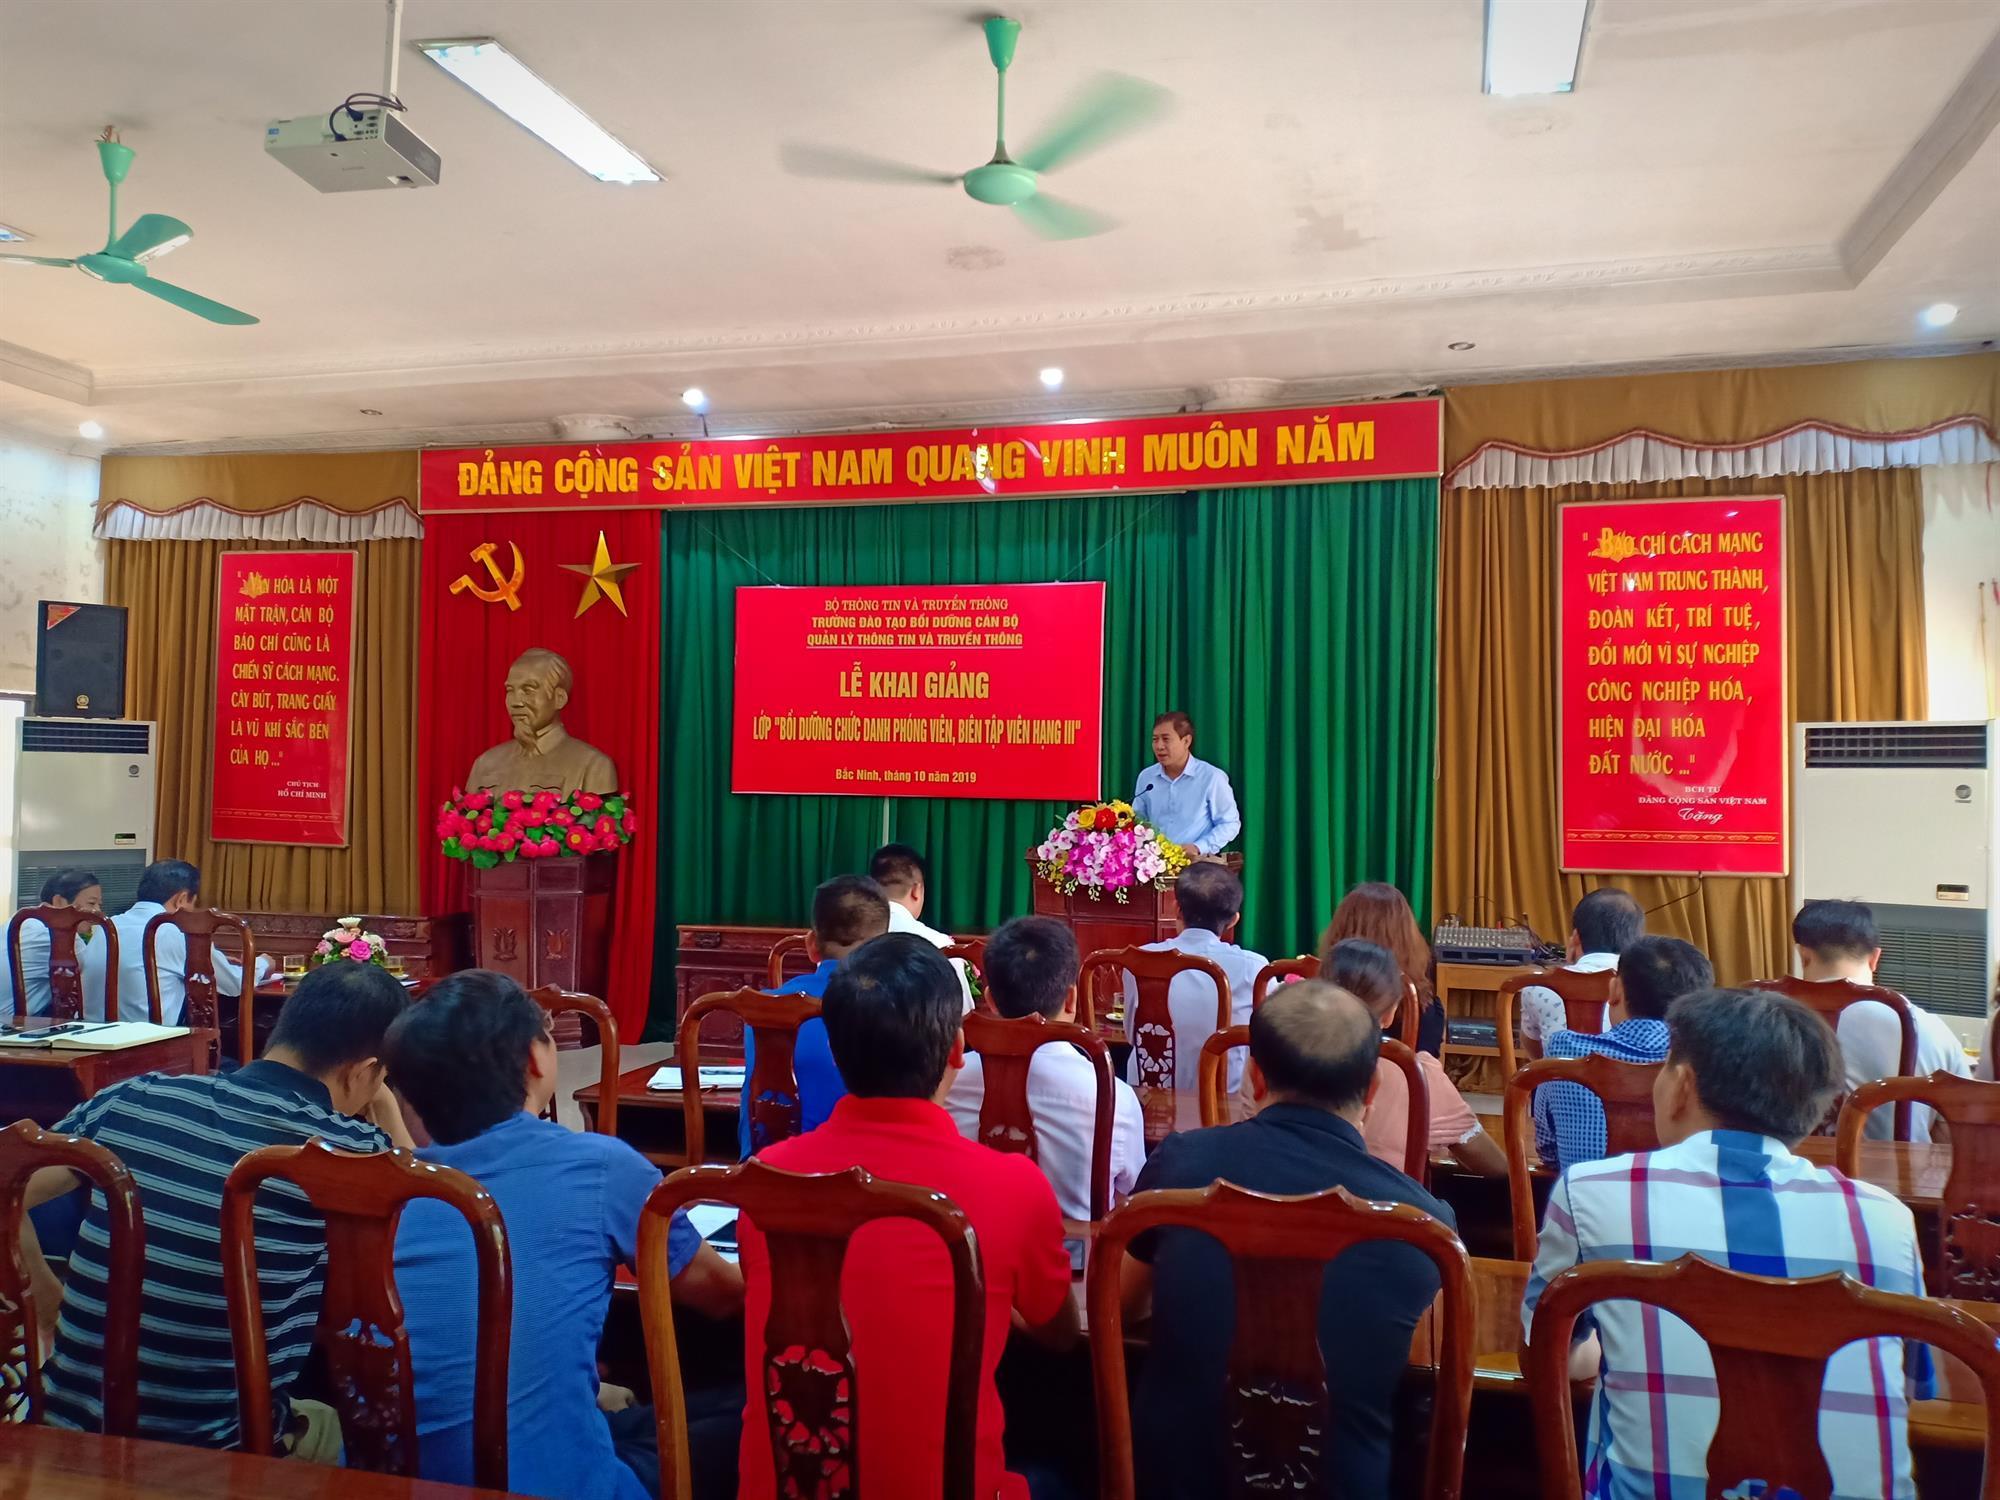 Khai giảng lớp bồi dưỡng chức danh phóng viên, biên tập viên hạng 3  tại Đài Phát thanh và Truyền hình Bắc Ninh